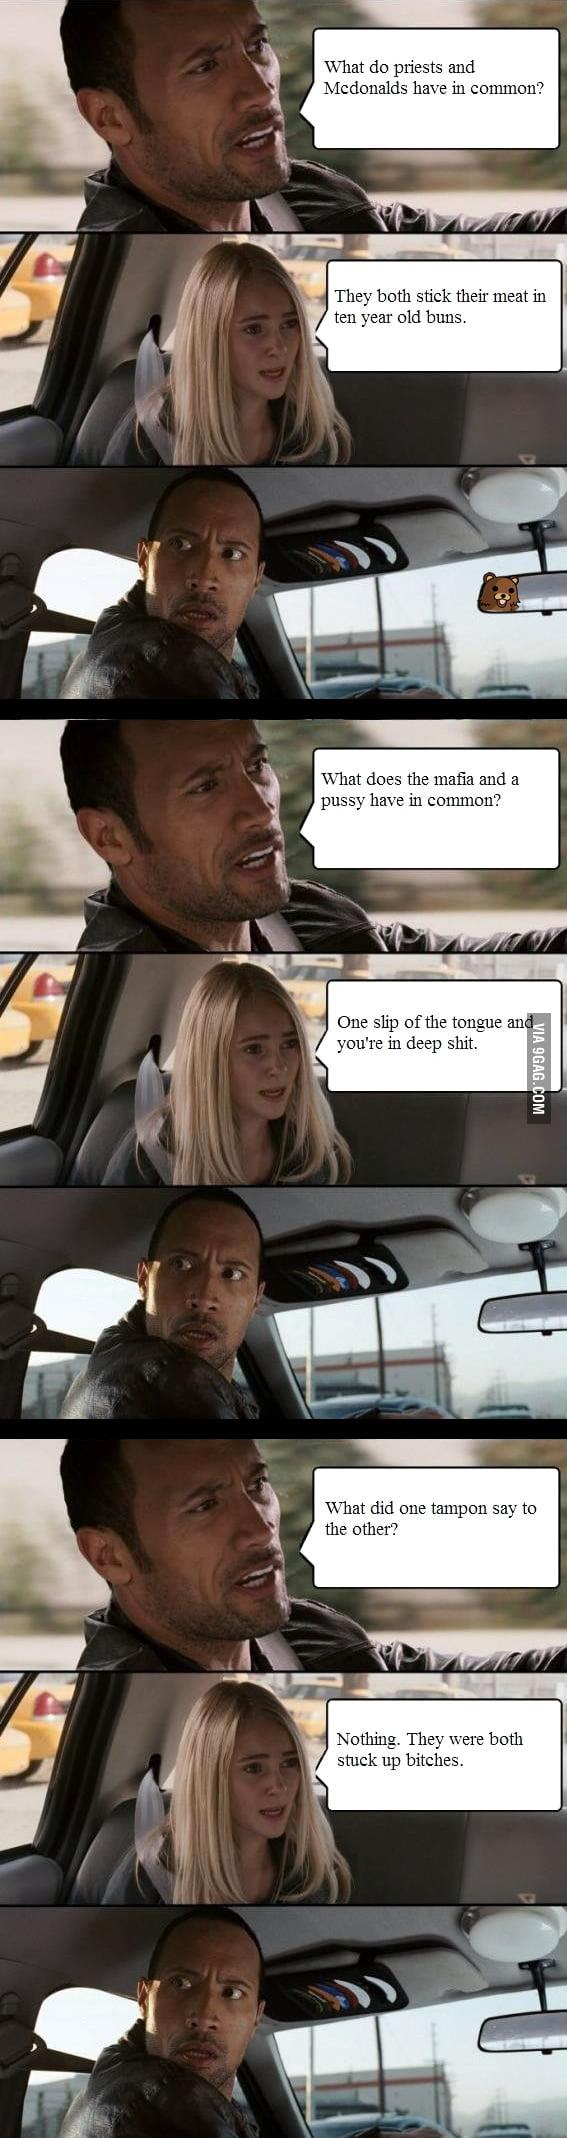 Inappropriate Jokes I